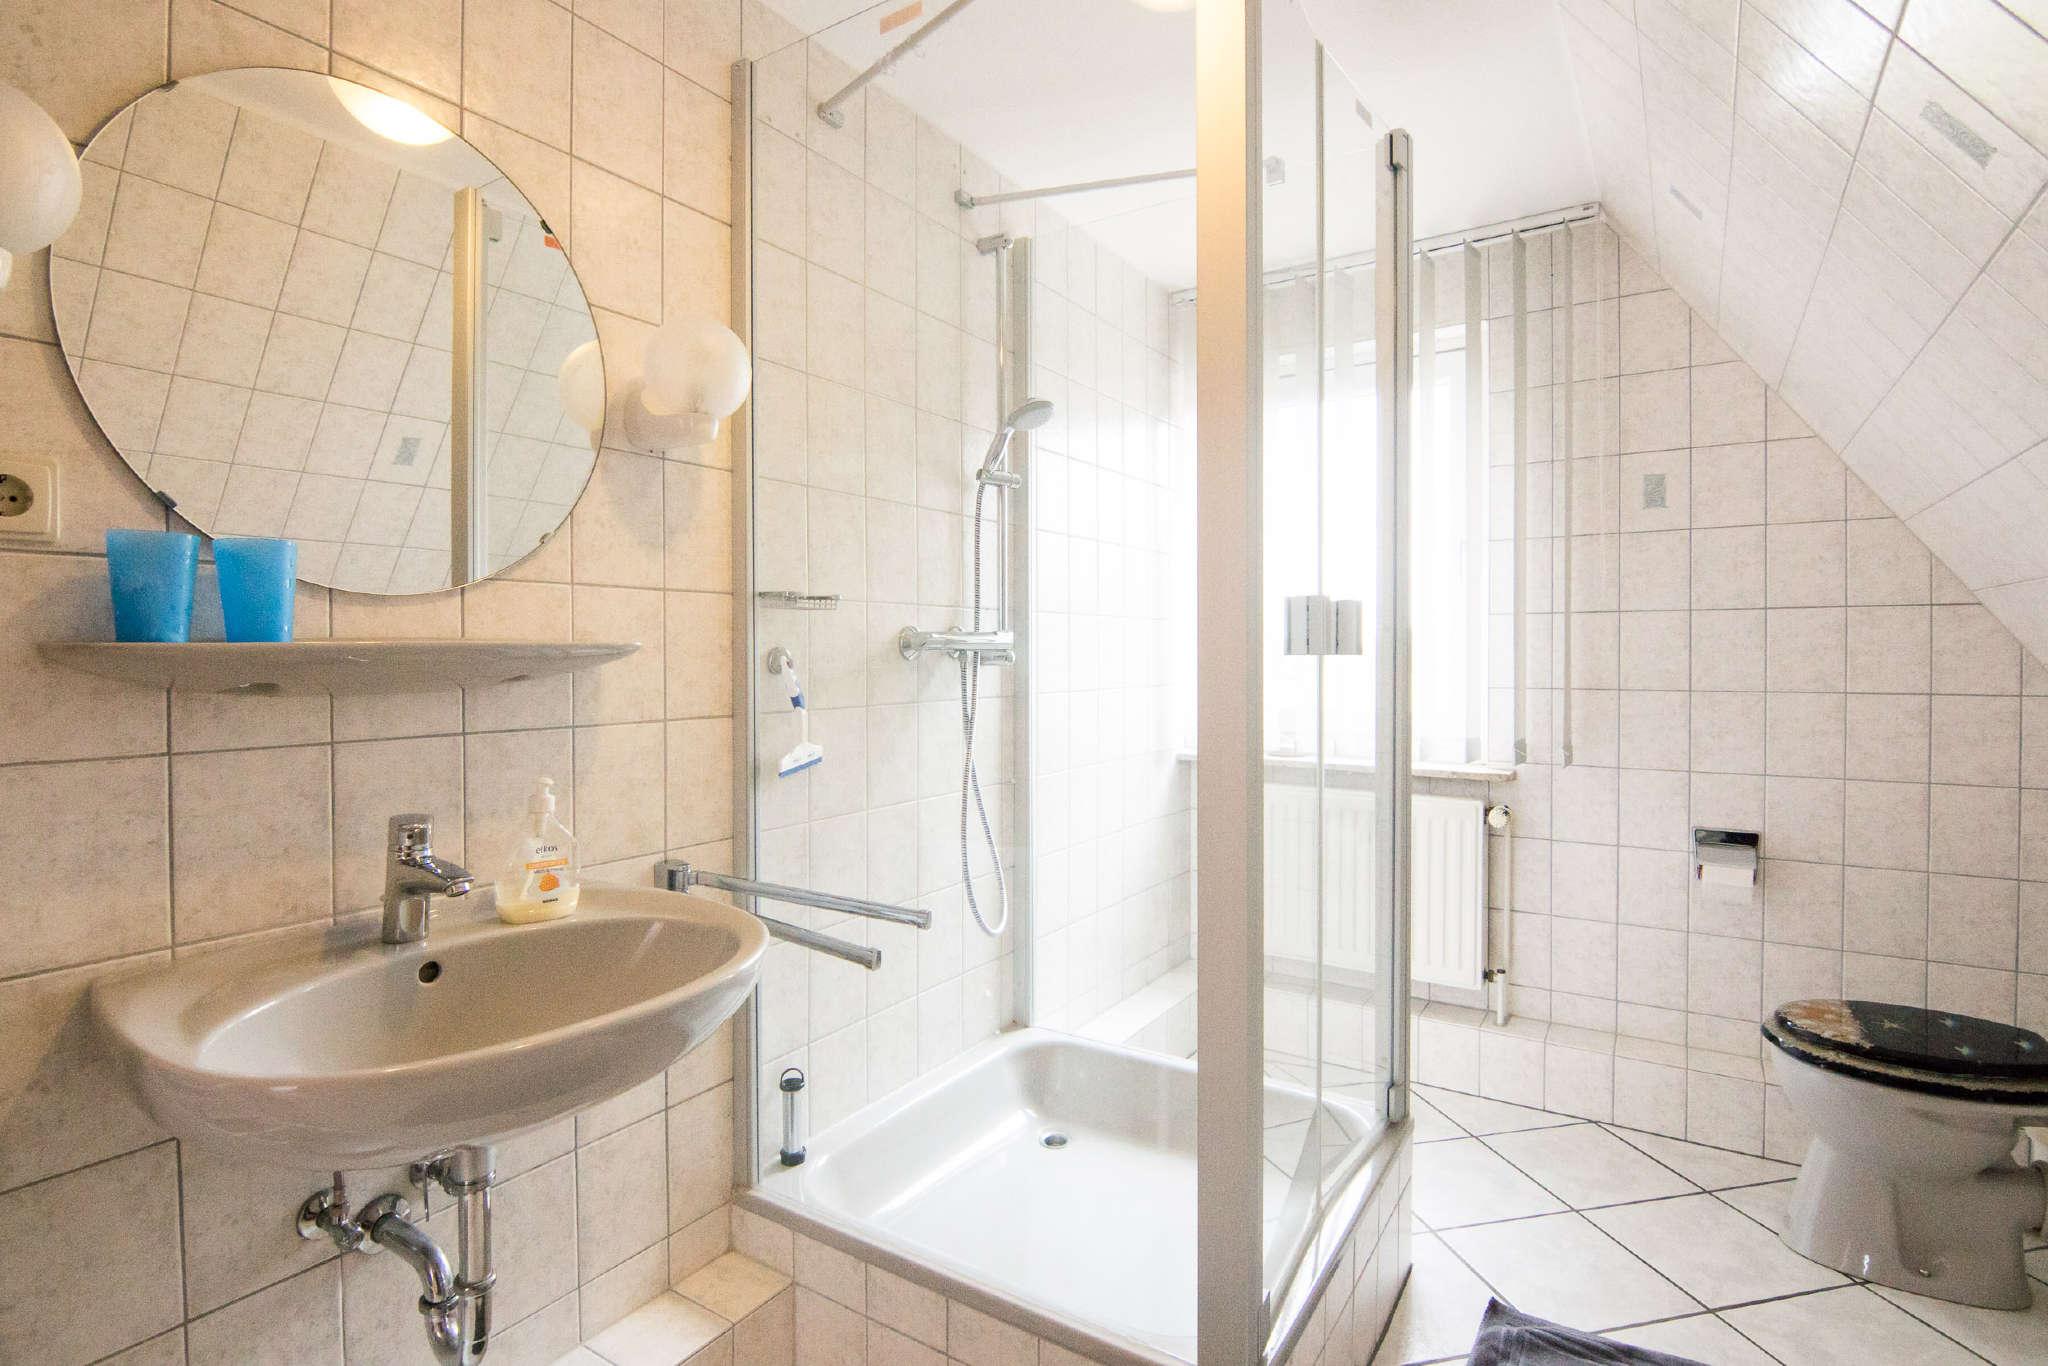 Waschbecken , Dusche, Fenster